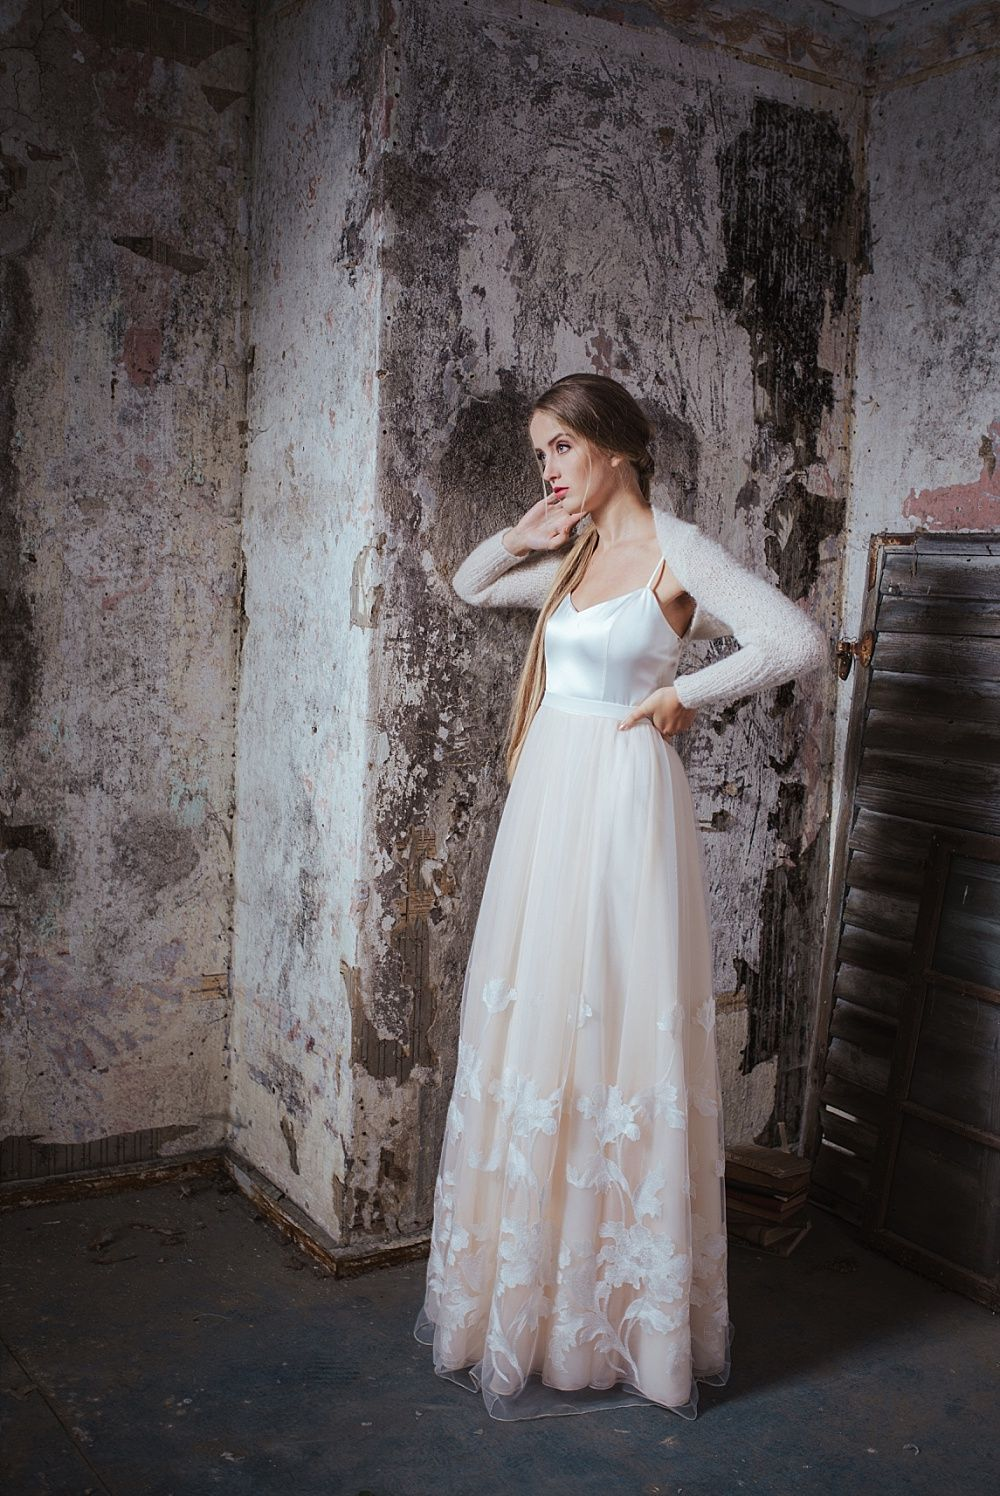 Berühmt Vintage Spitze Arthochzeitskleider Galerie - Brautkleider ...